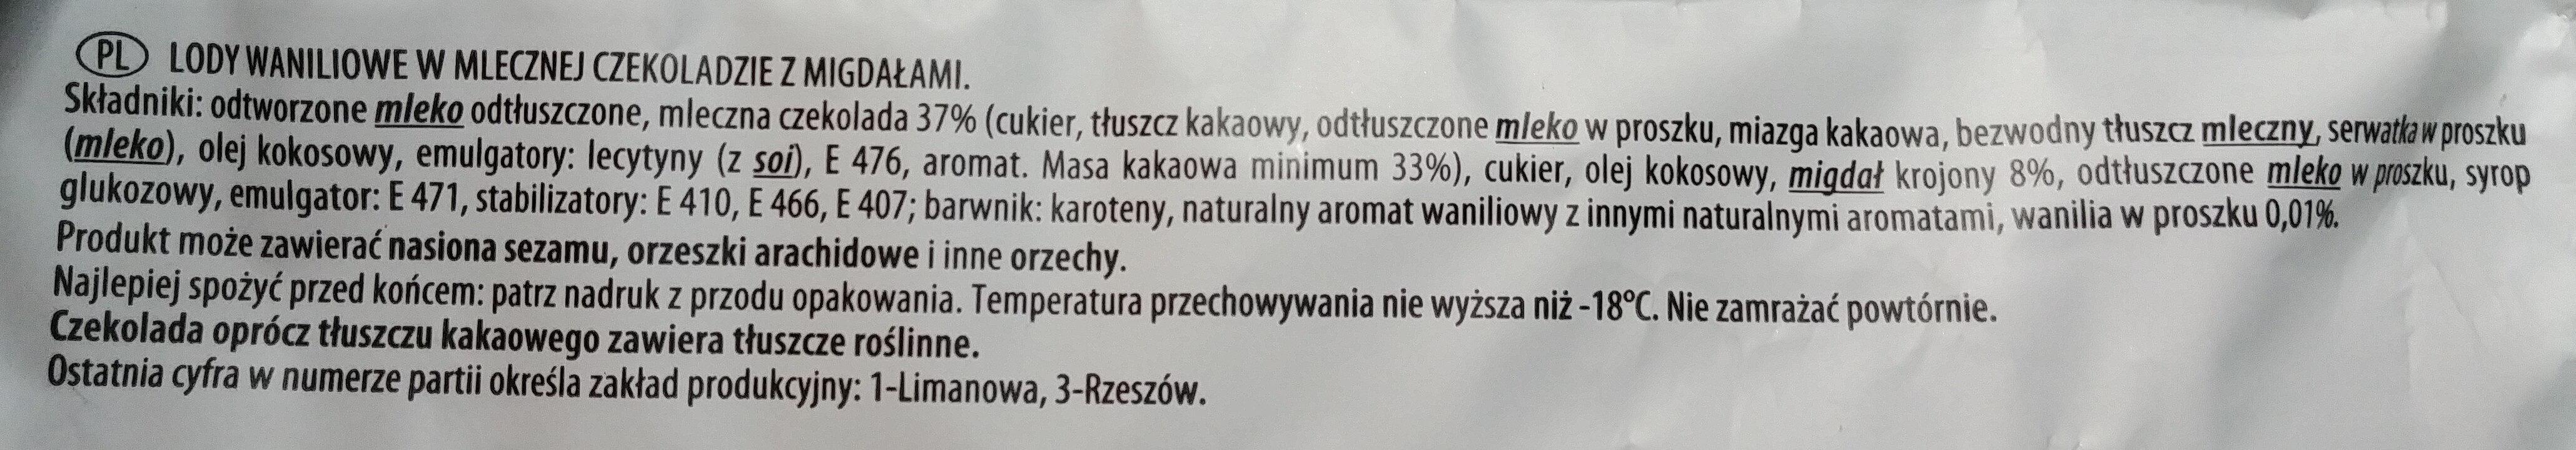 Lody waniliowe w mlecznej czekoladzie z migdałami - Składniki - pl